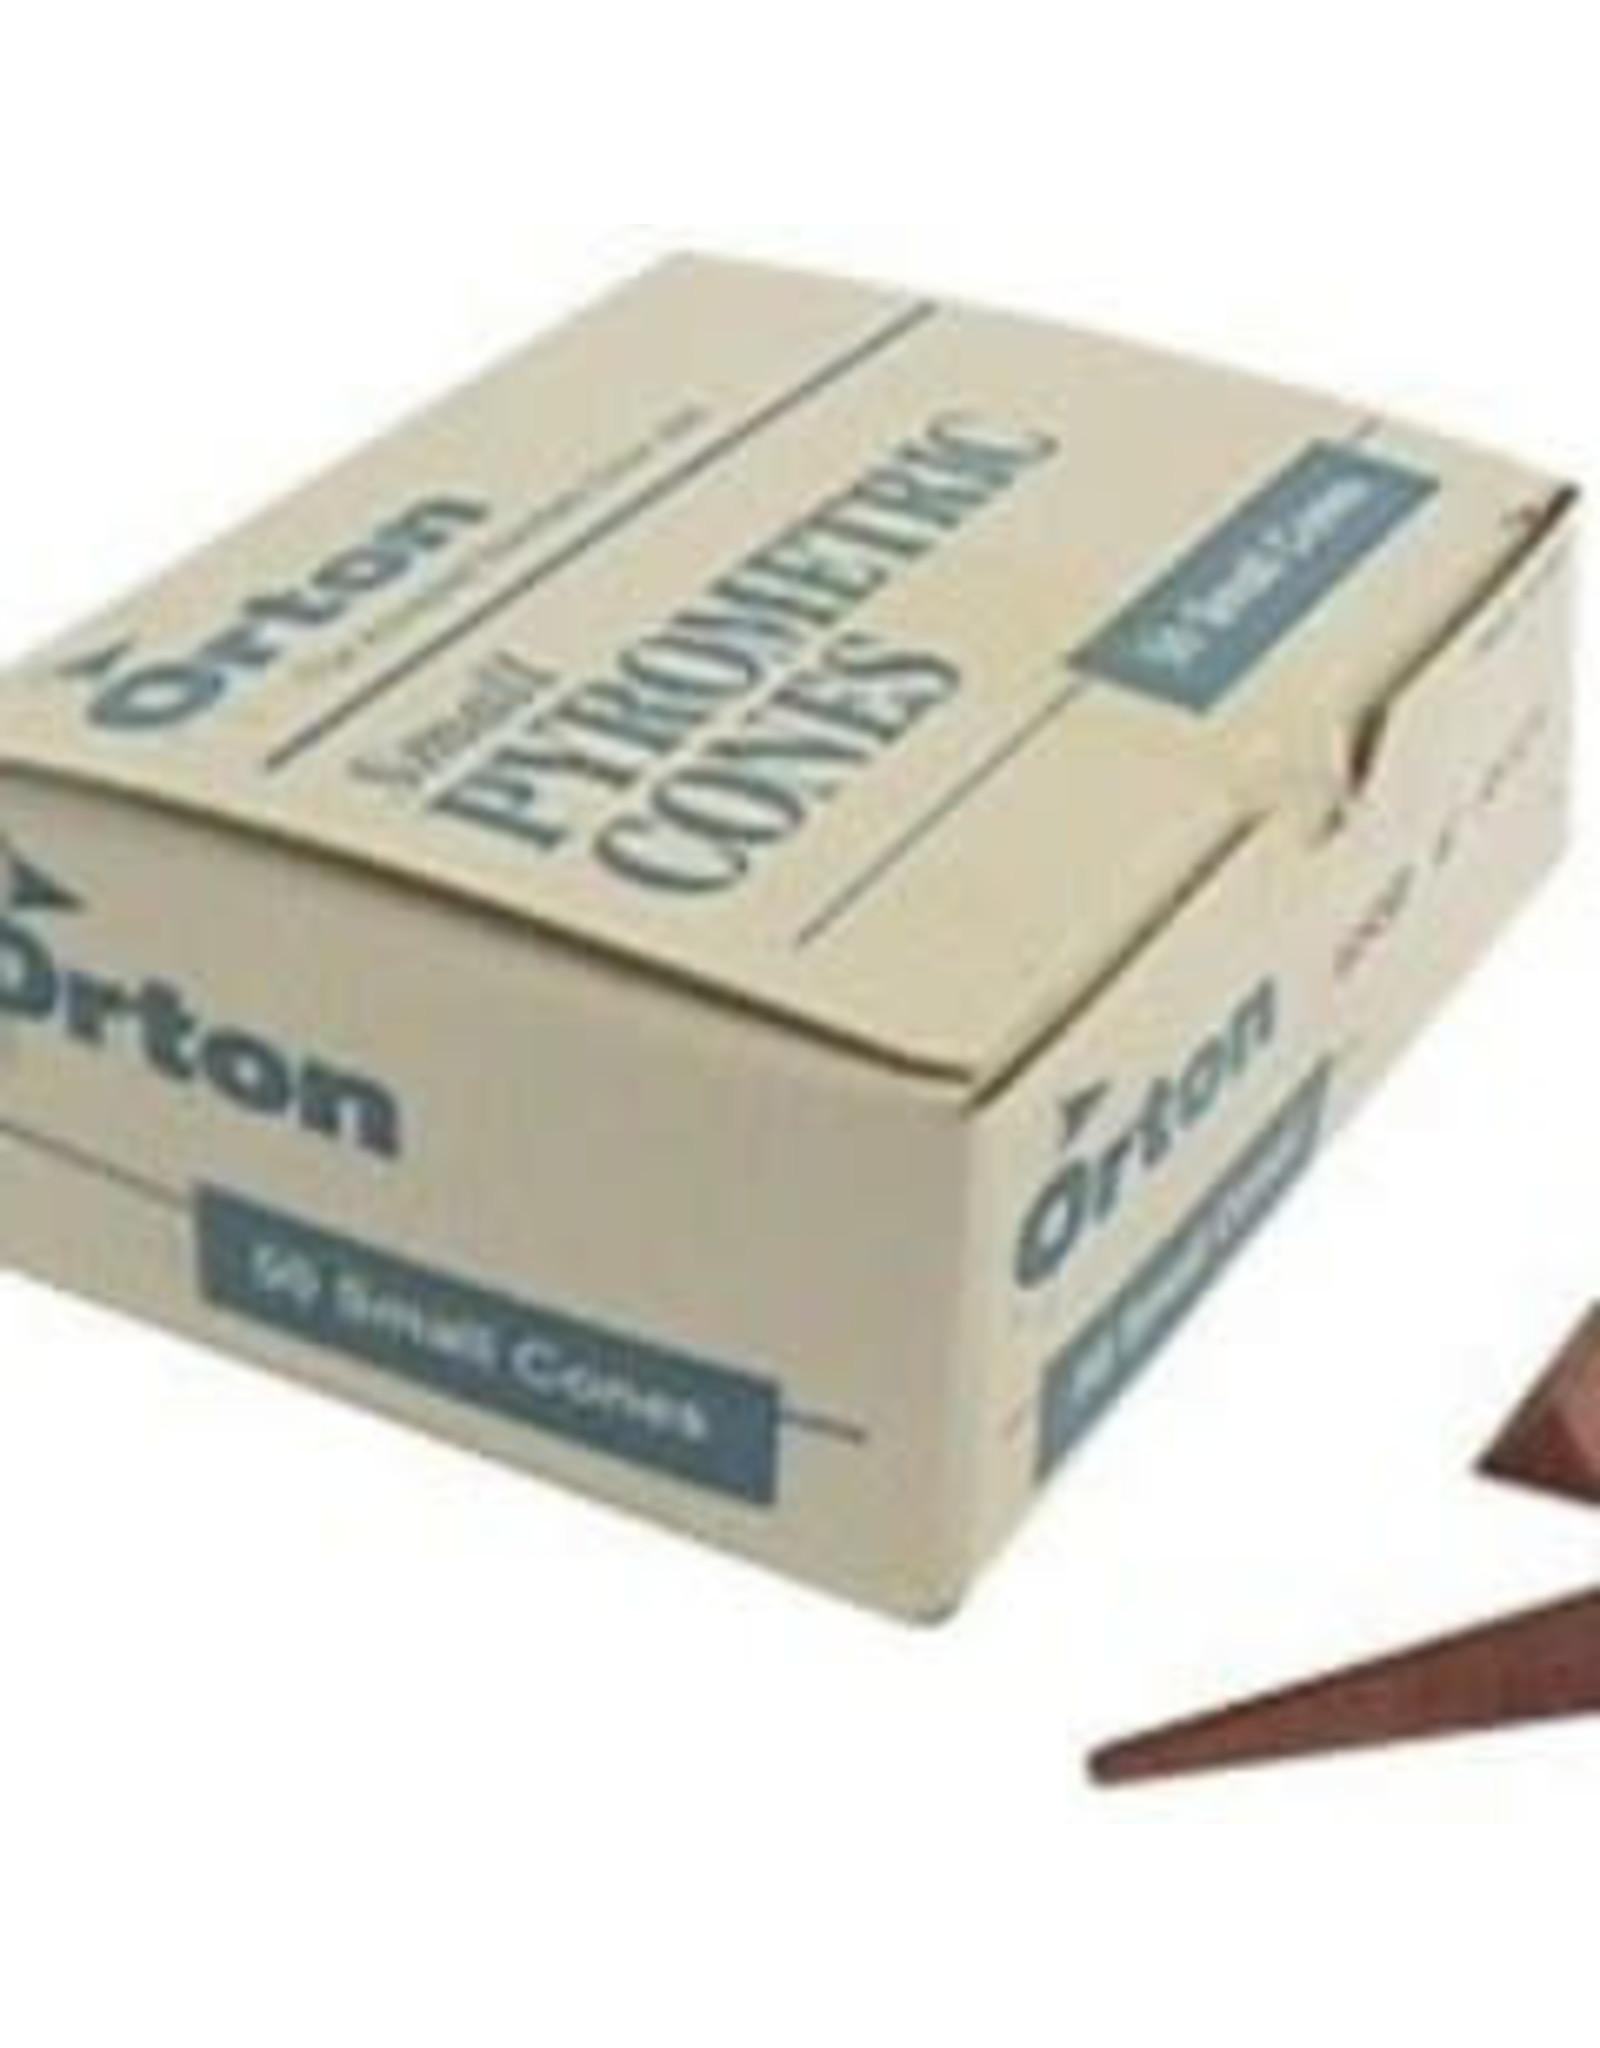 Orton small cone 016 (x50)